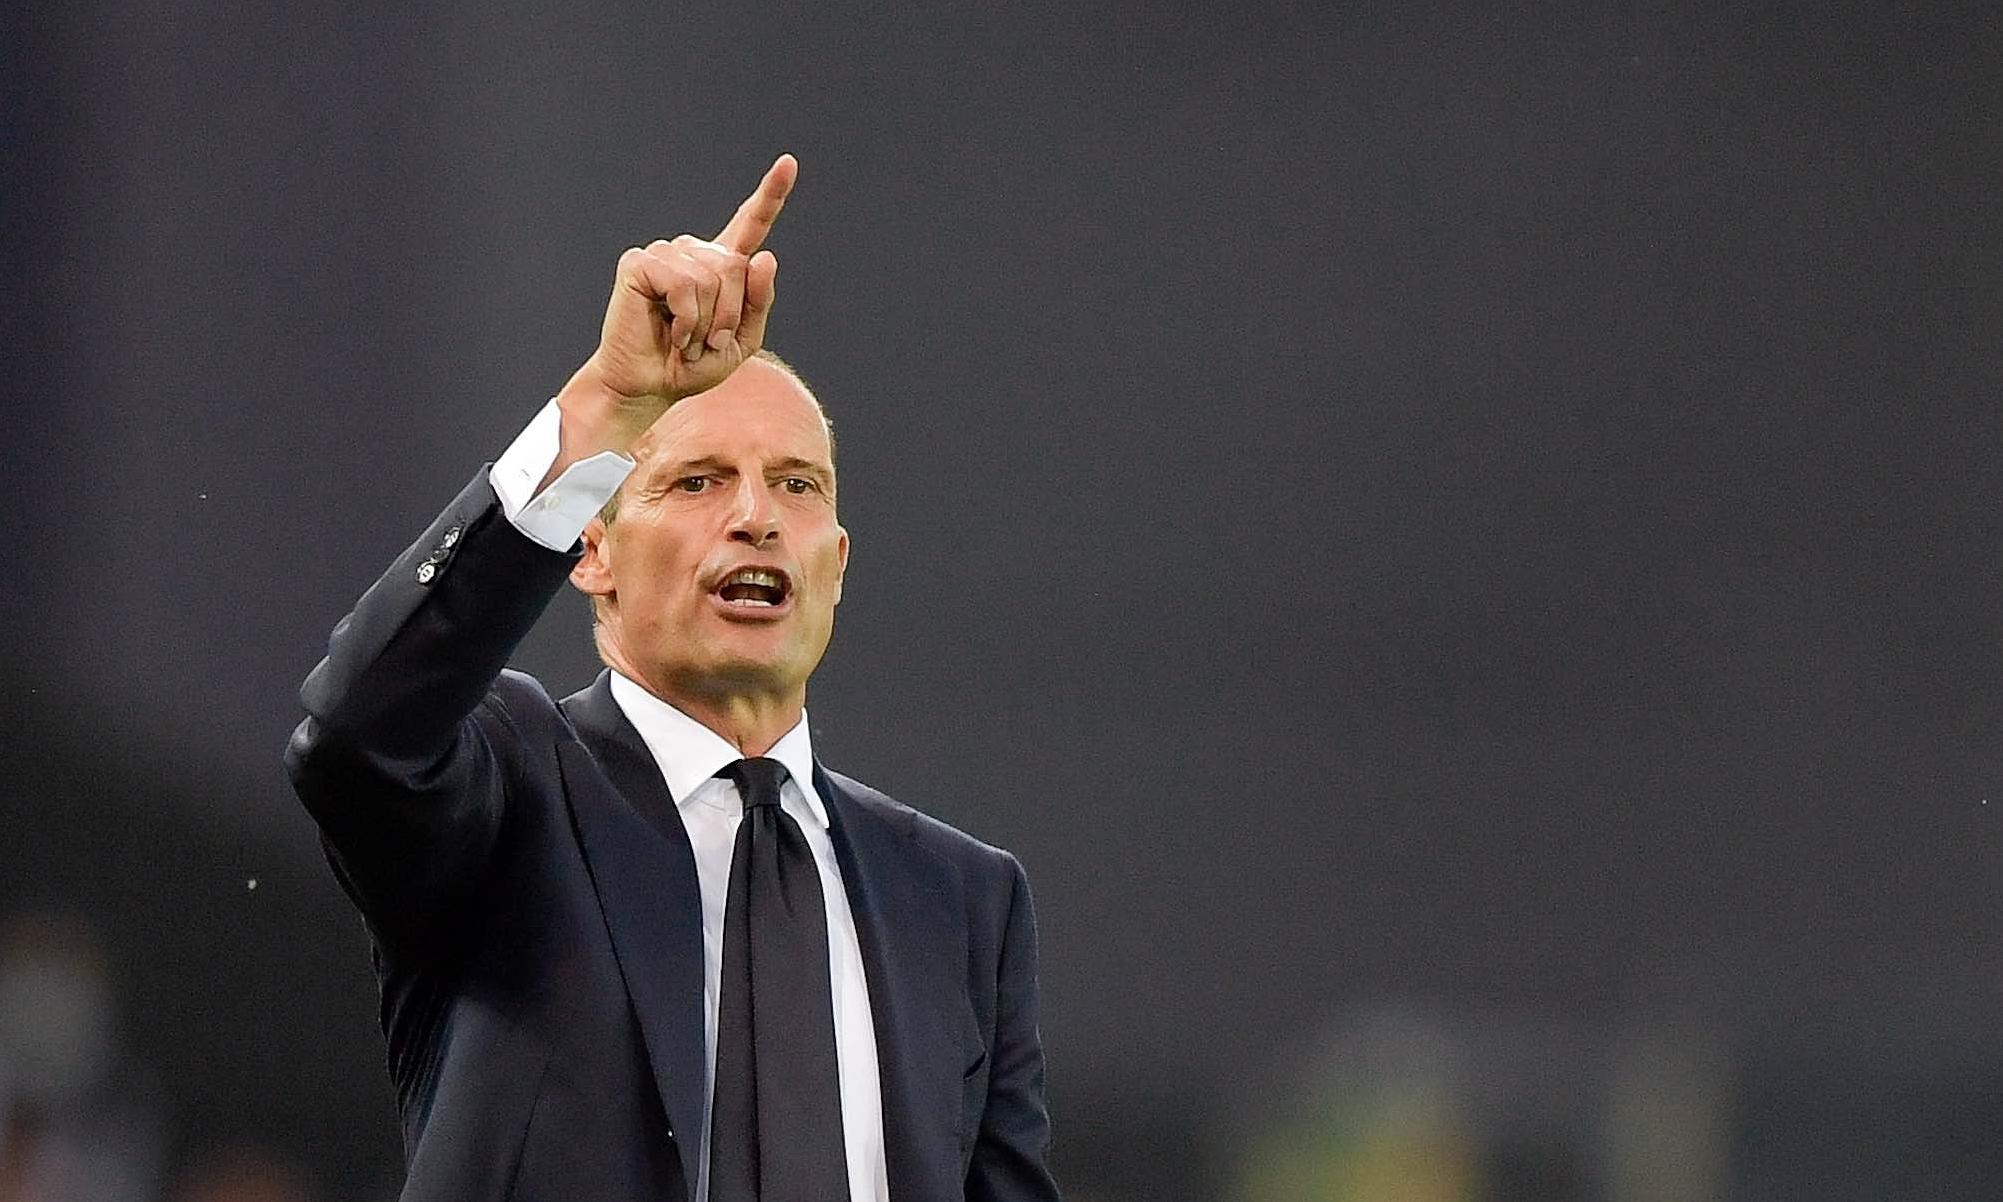 อัลเลกรีชี้นำผู้เล่นยูเวนตุสในการแข่งขันยูเวนตุสกับเจ้าบ้านอูดิเนเซ่ 2-2 เมื่อวันที่ 22 สิงหาคม  ภาพ: Twitter / Juventus